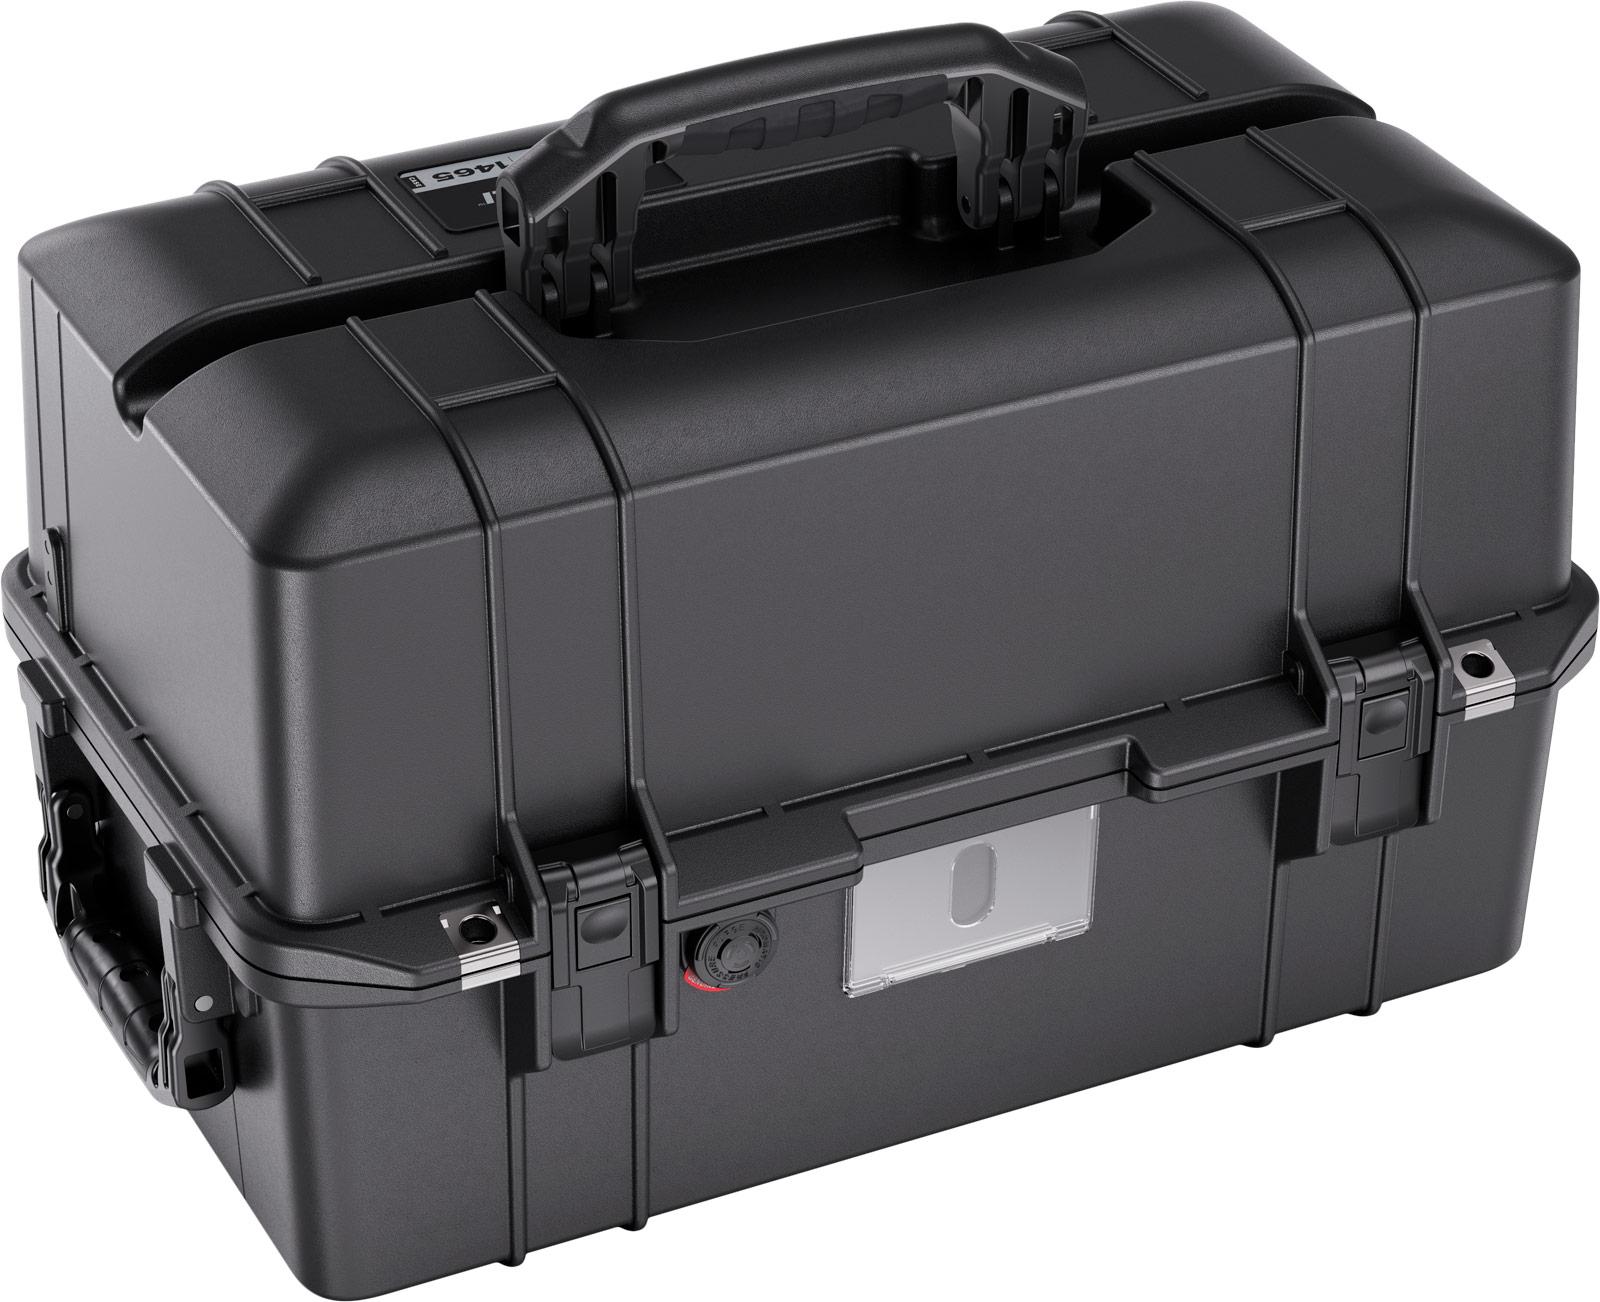 peli 1465 air case black protective cases